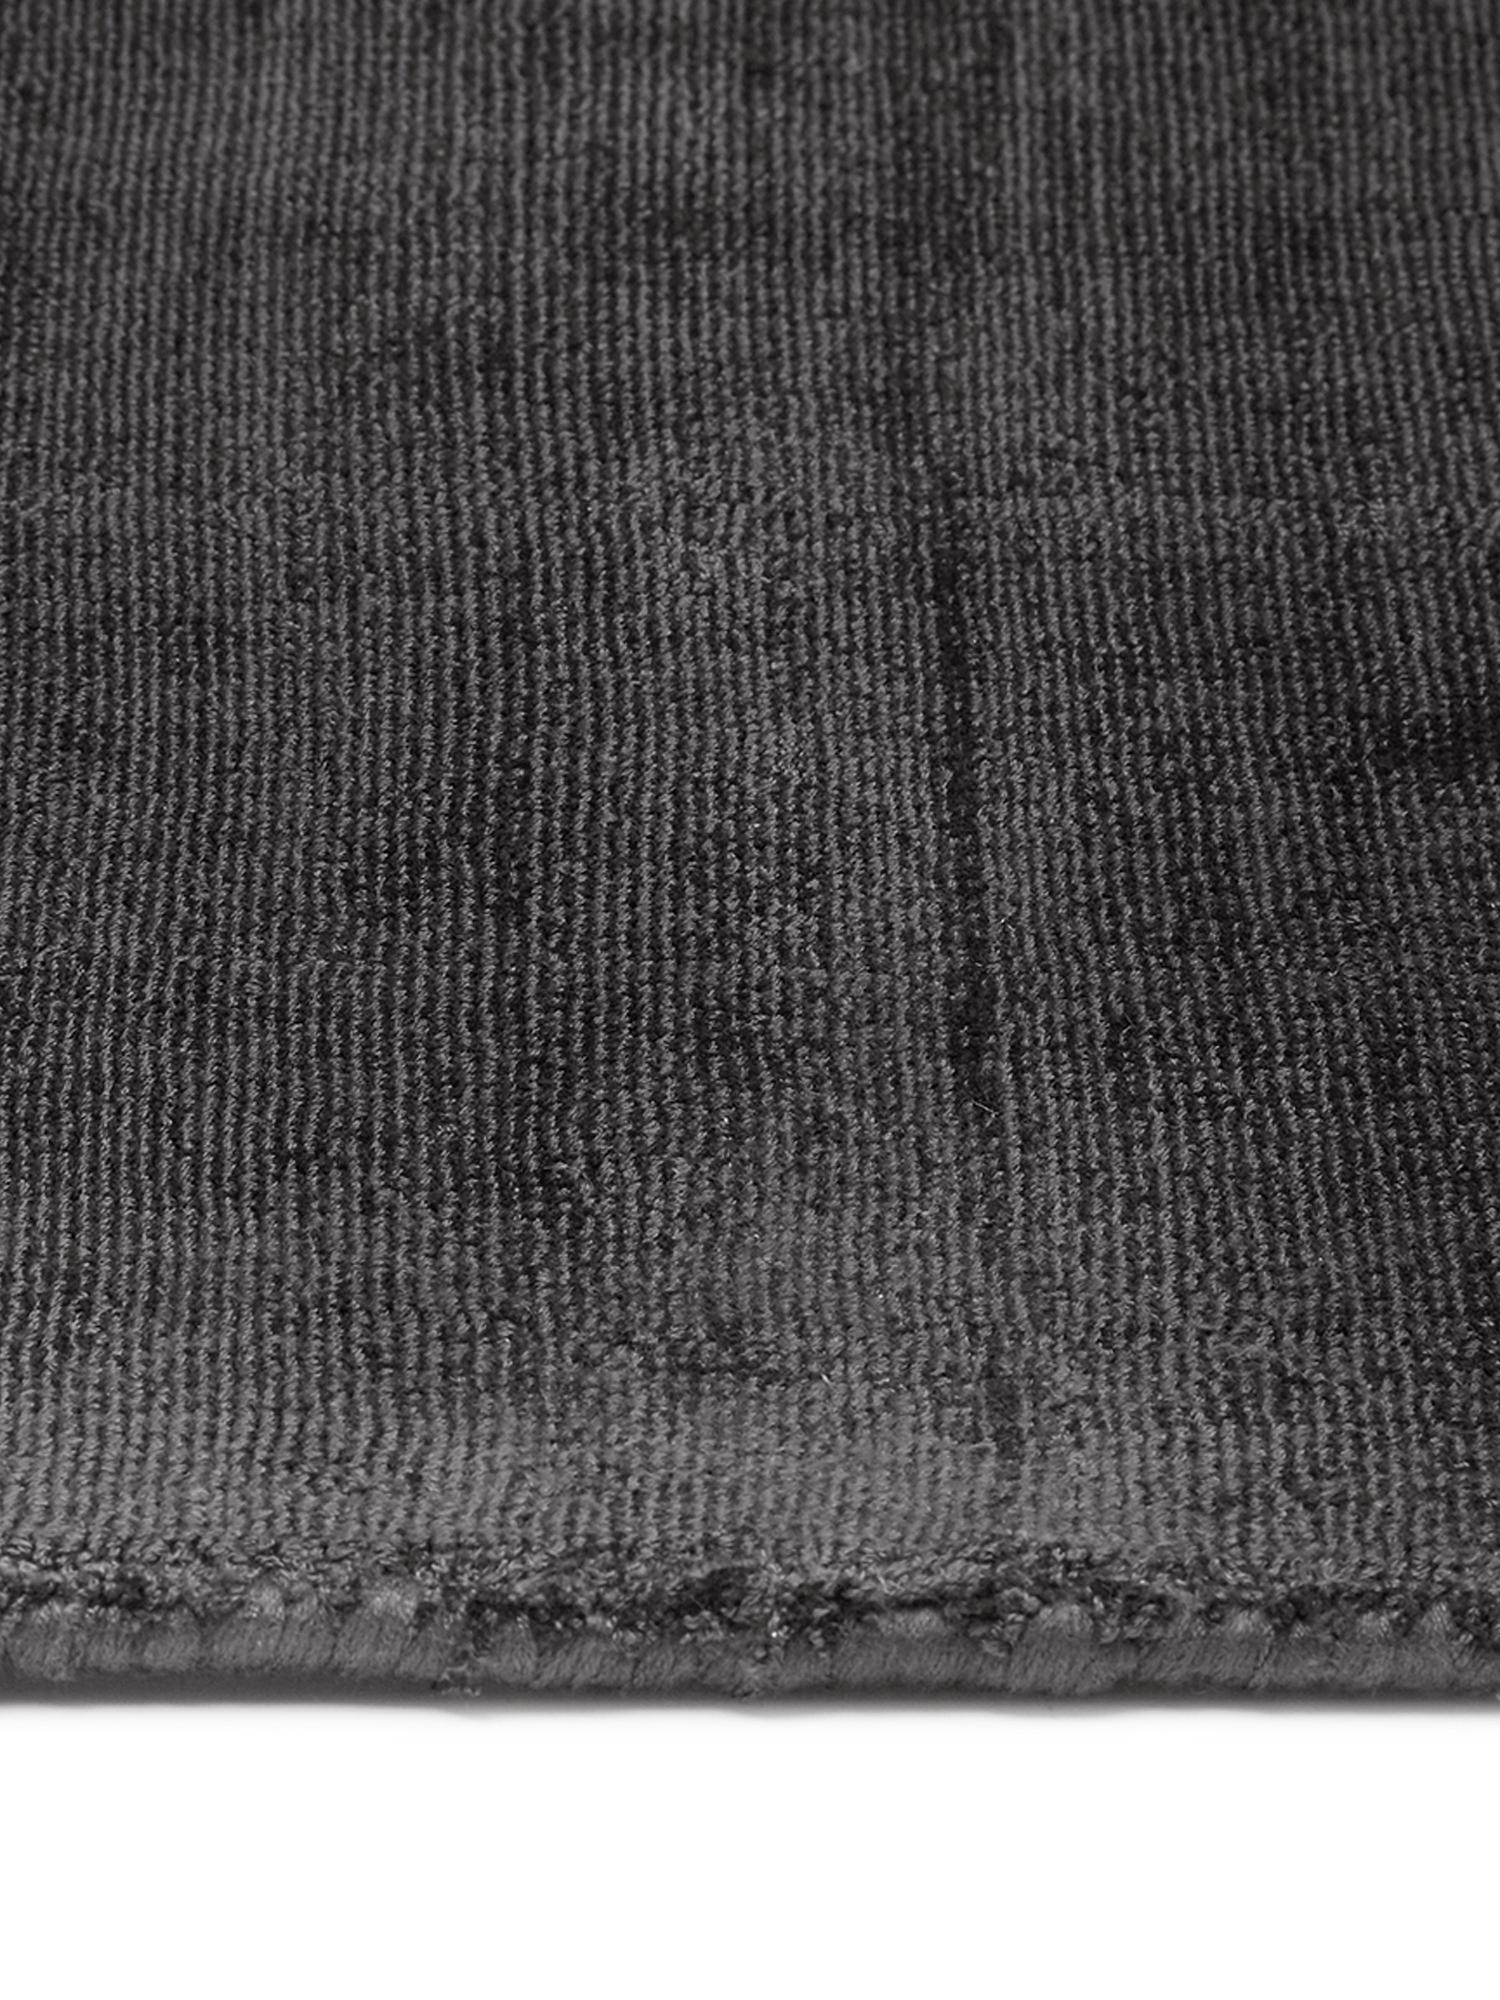 Handgewebter Viskoseteppich Jane in Anthrazit-Schwarz, Flor: 100% Viskose, Anthrazit-Schwarz, B 200 x L 300 cm (Größe L)